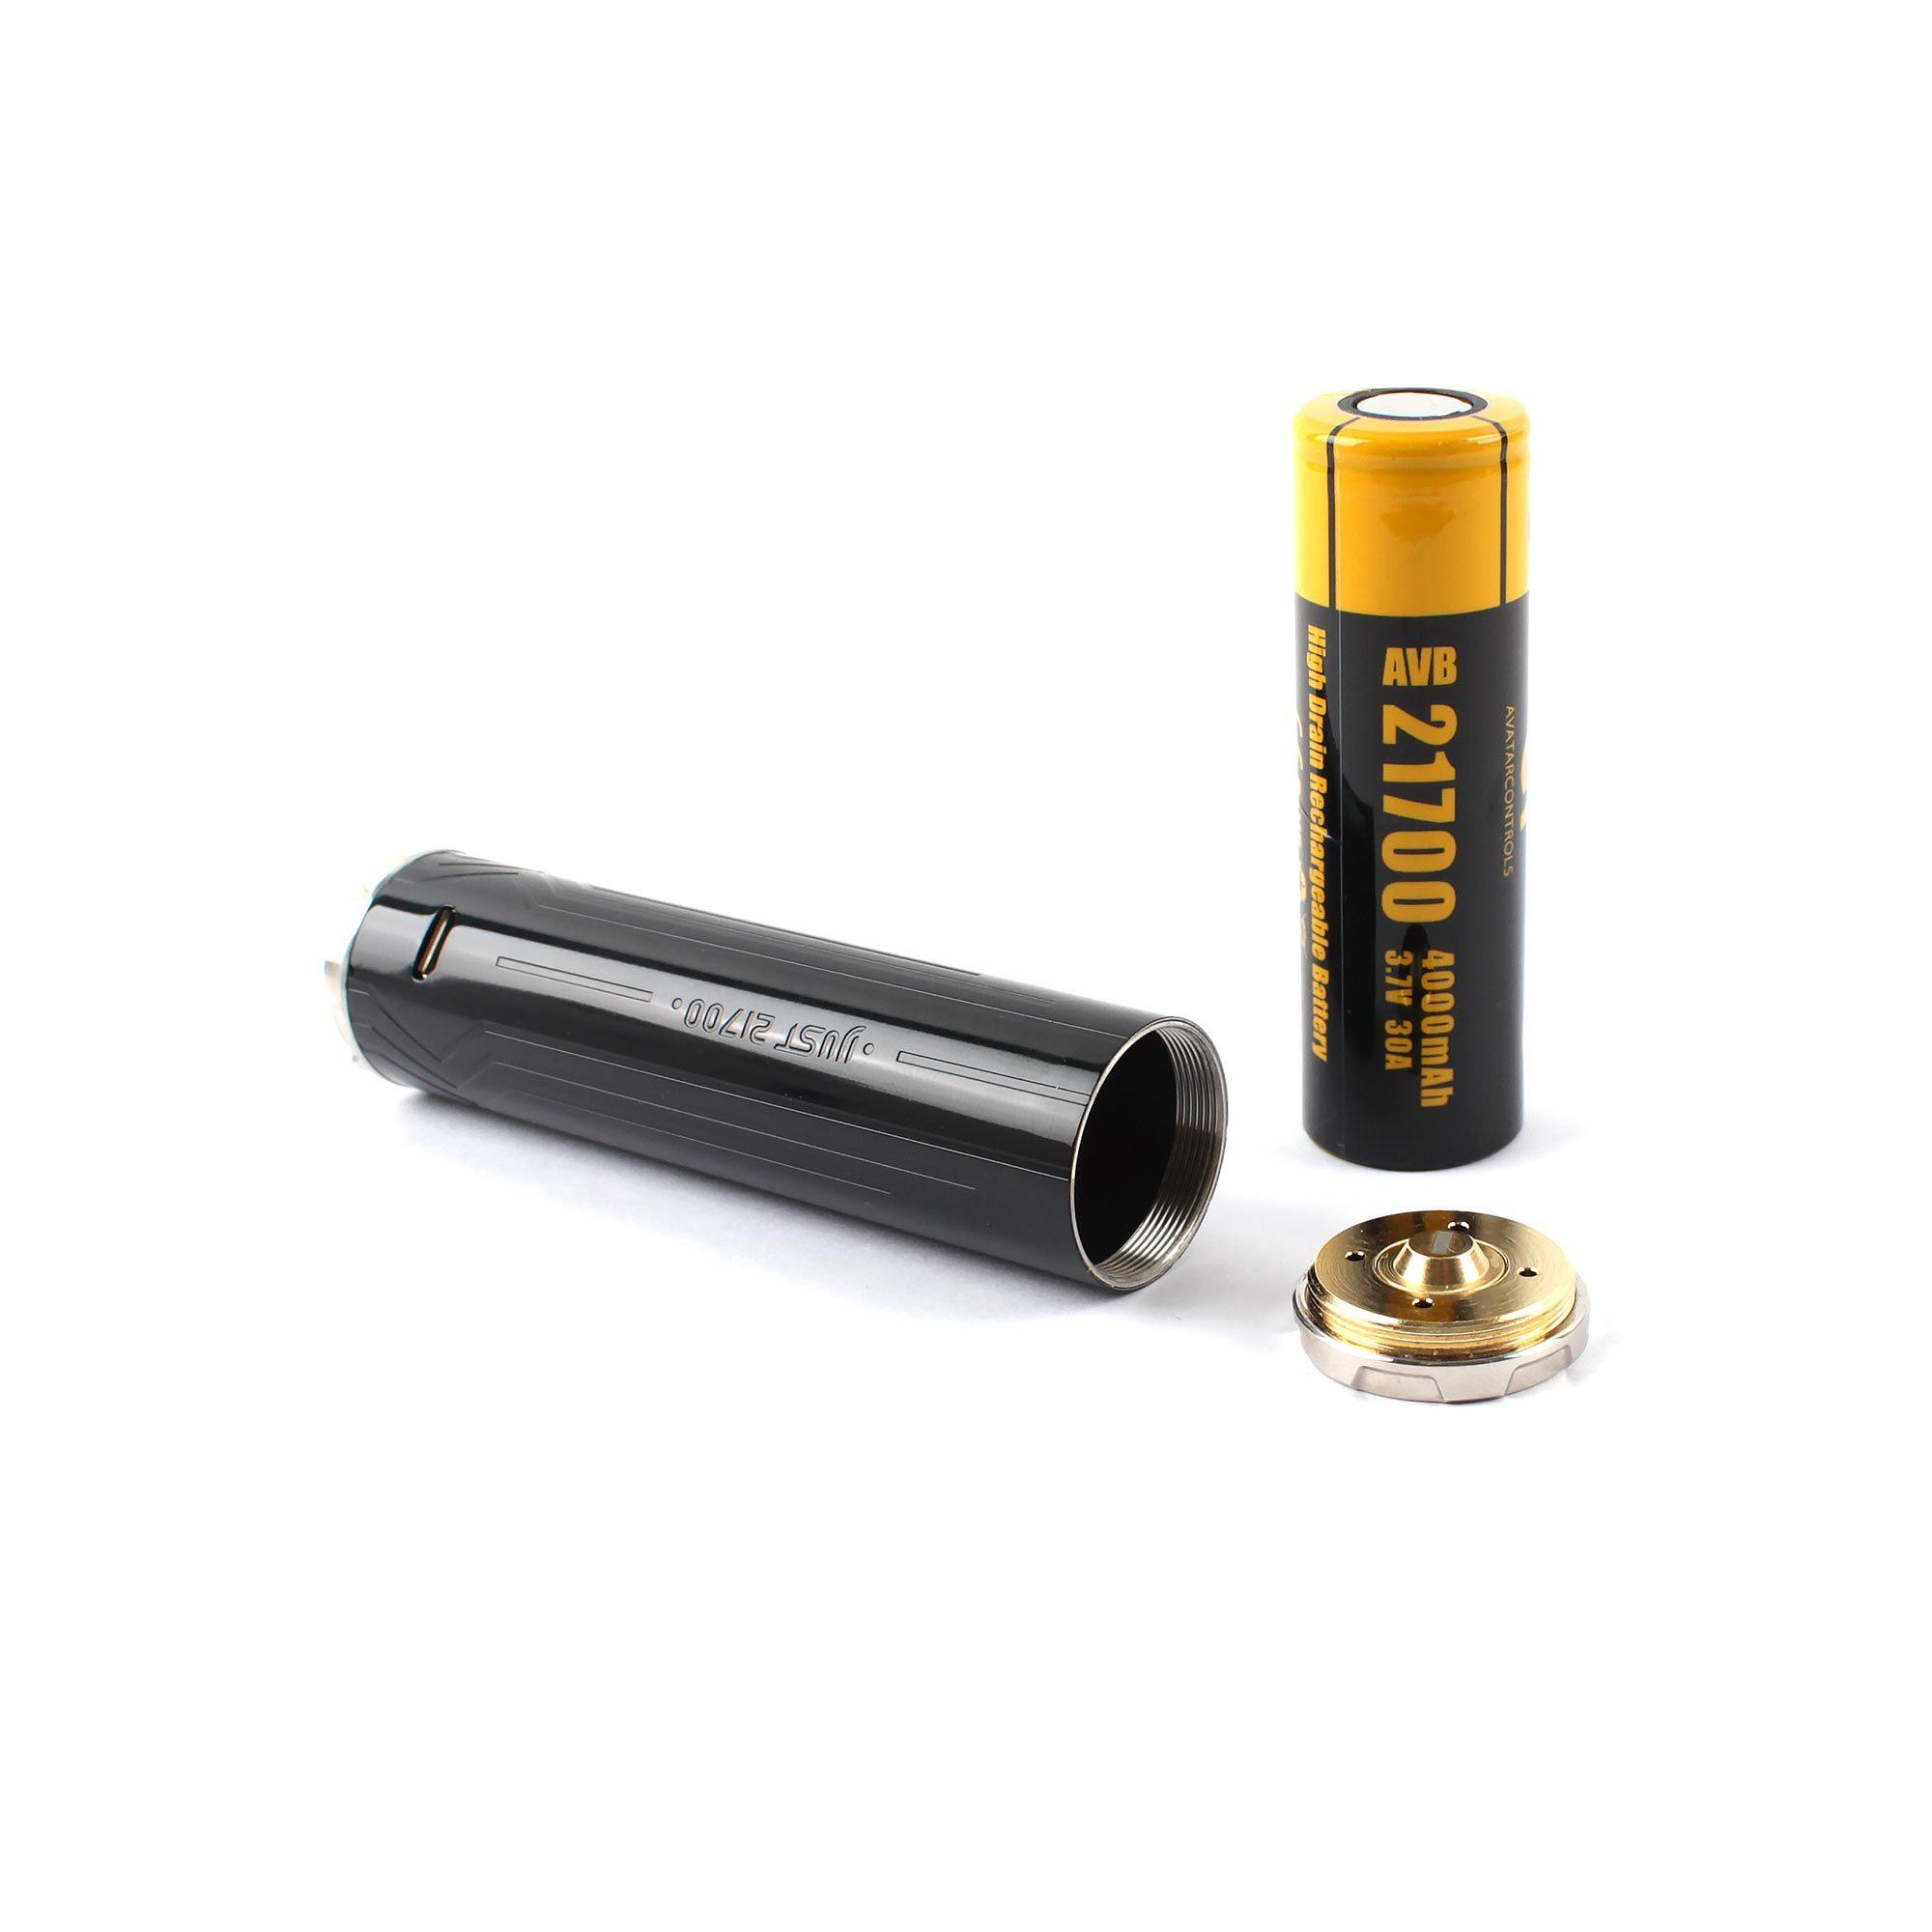 Батарейный блок Eleaf Ijust 21700 со съемным аккумулятором